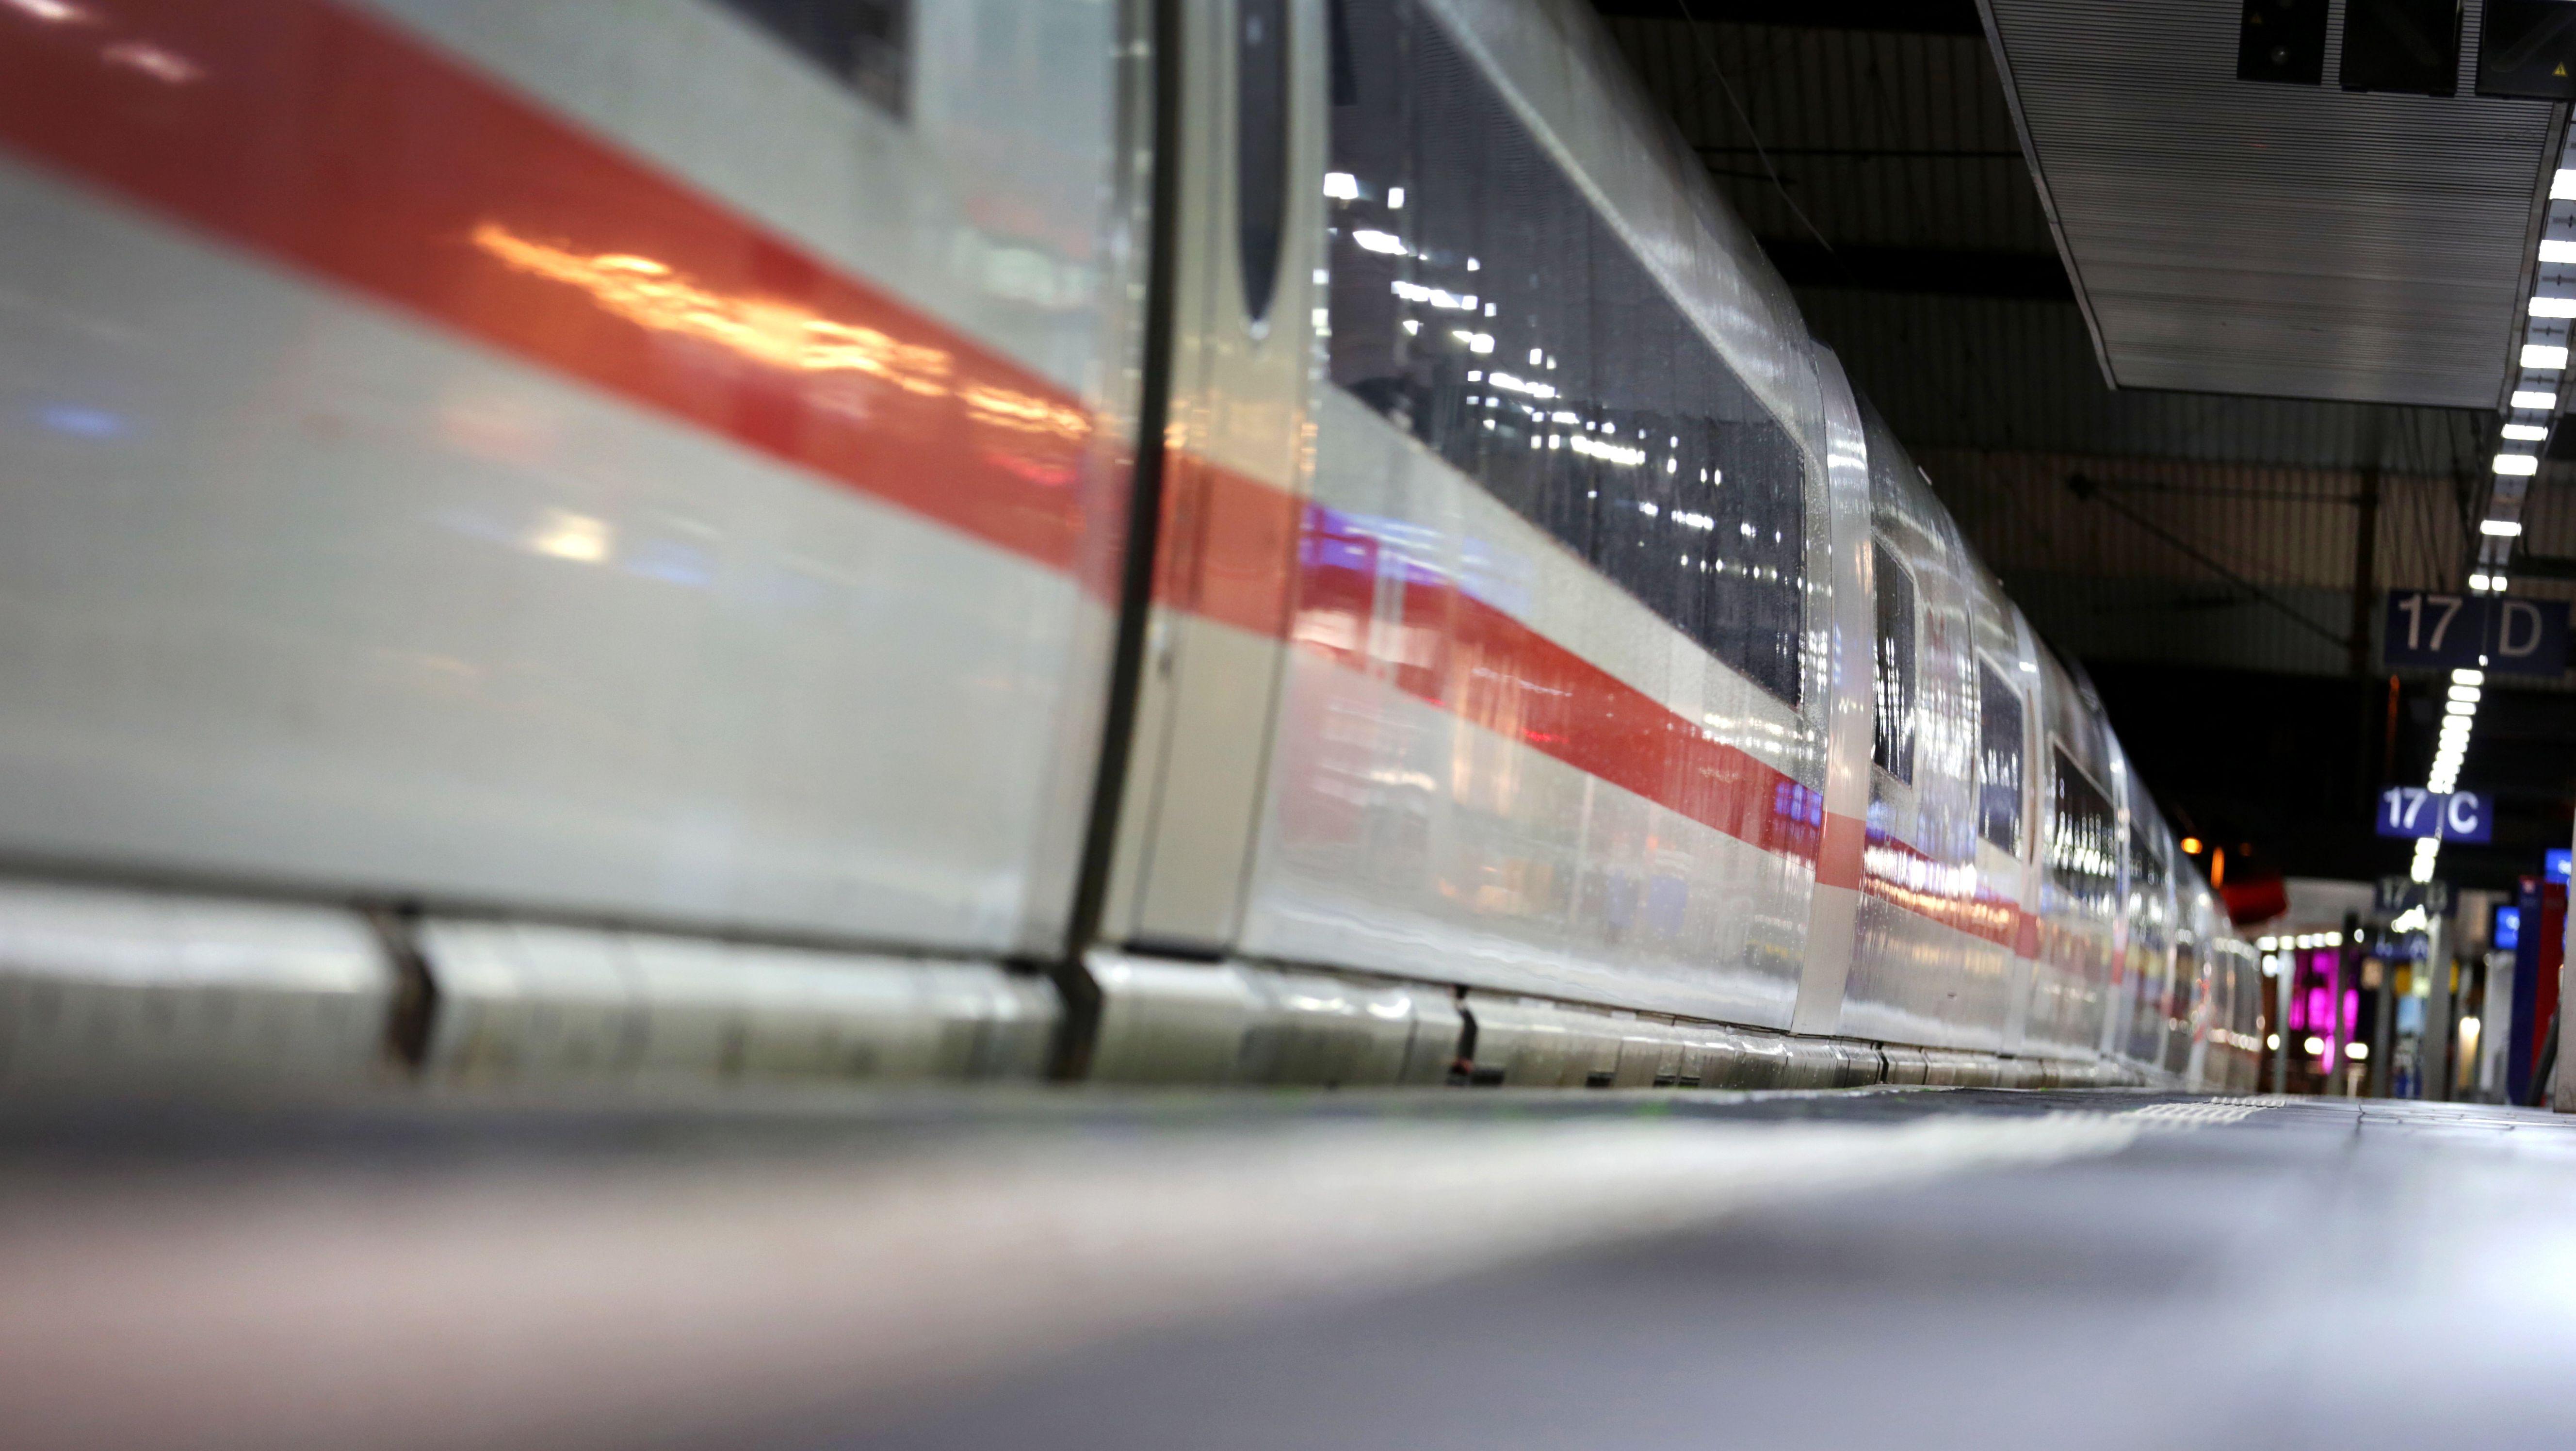 Die Auswirkungen der Corona-Krise auf die Deutsche Bahn will der Bund mit einem Hilfsprogramm abfedern.